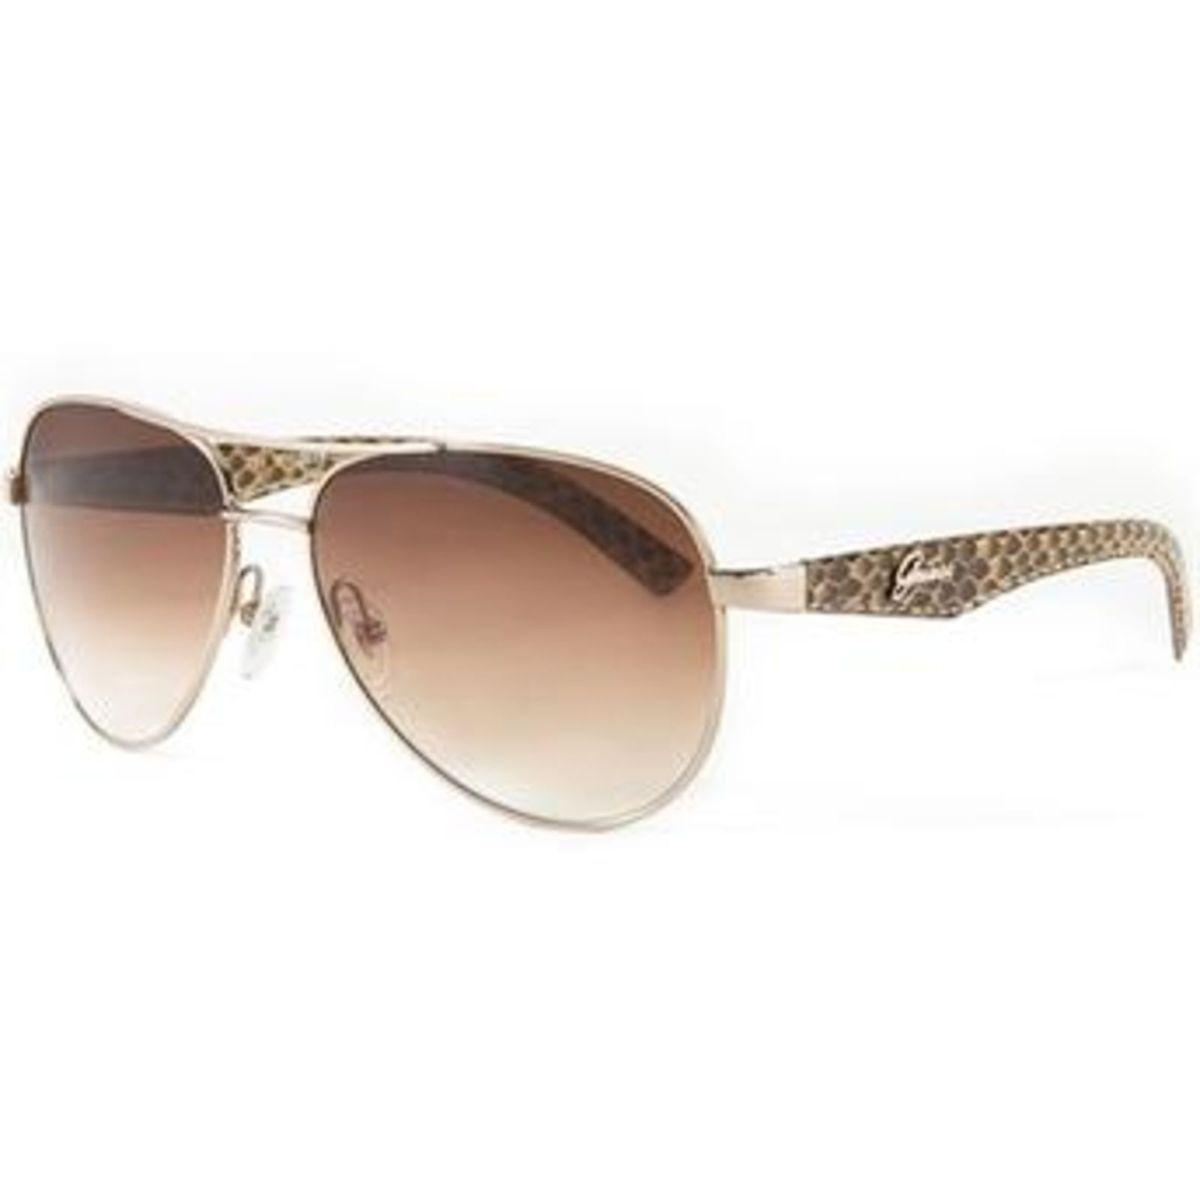 89d0d34842ed6 Óculos de Sol Aviador Guess